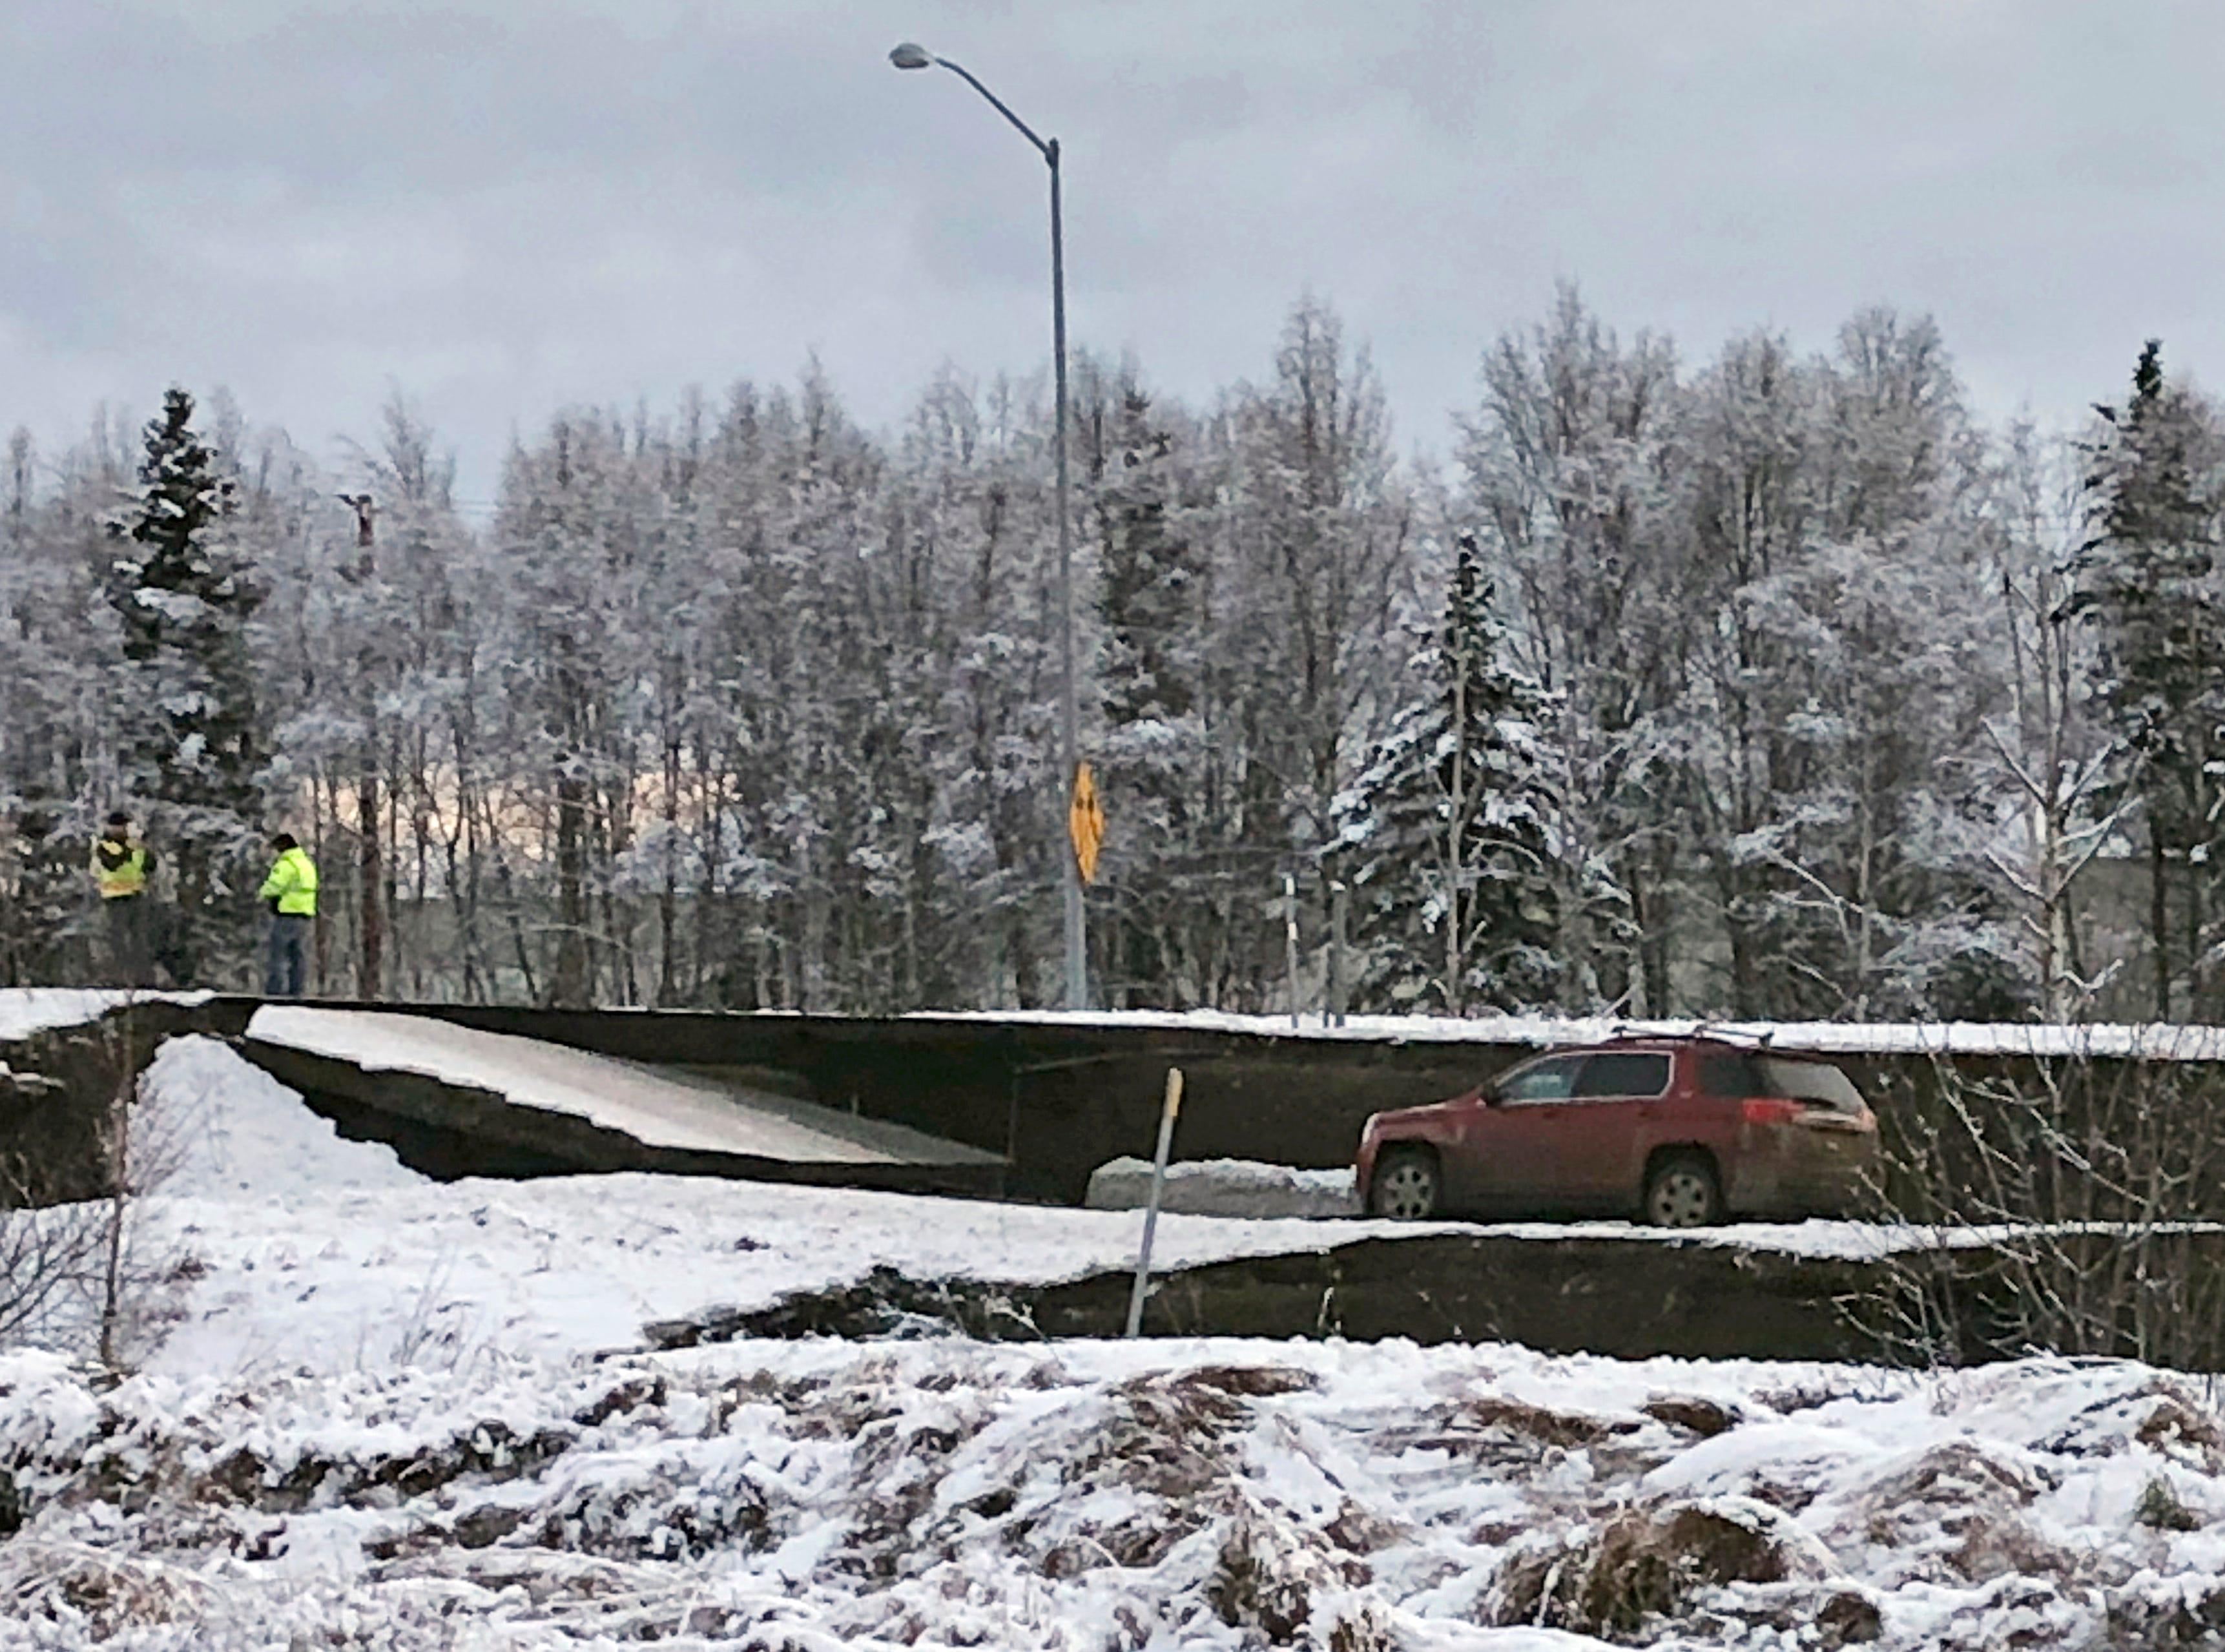 Un automóvil está atrapado en una sección colapsada de la rampa de salida de Minnesota Drive en Anchorage, el viernes 30 de noviembre de 2018.Los edificios y carreteras colapsadas el viernes por la mañana en Anchorage, por los terremotos consecutivos de 7.0 y 5.8, incitan a la gente a huir o buscar refugio debajo de los escritorios de sus oficinas , mientras que una alerta de tsunami hizo que algunos buscarán un lugar más alto.